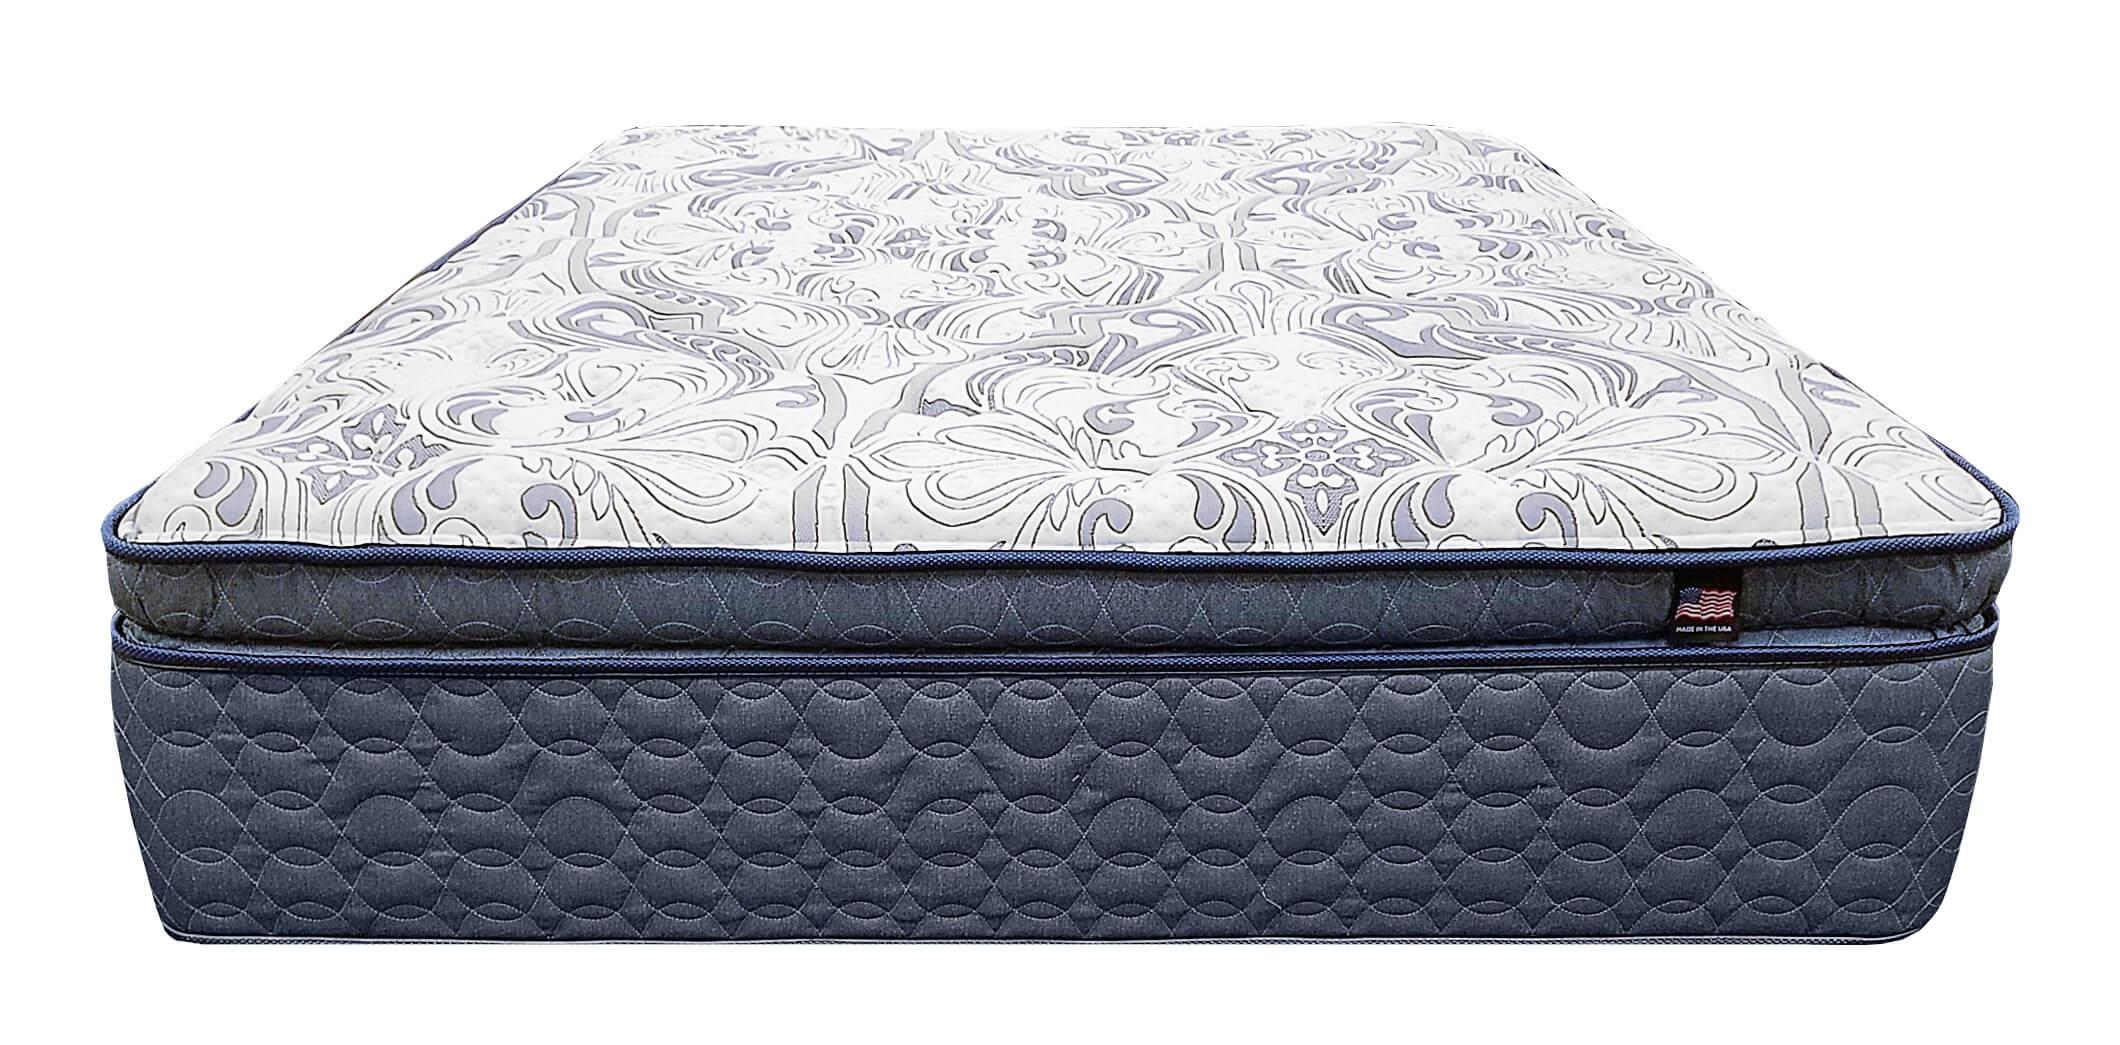 Independence Pillow Top California King Mattress